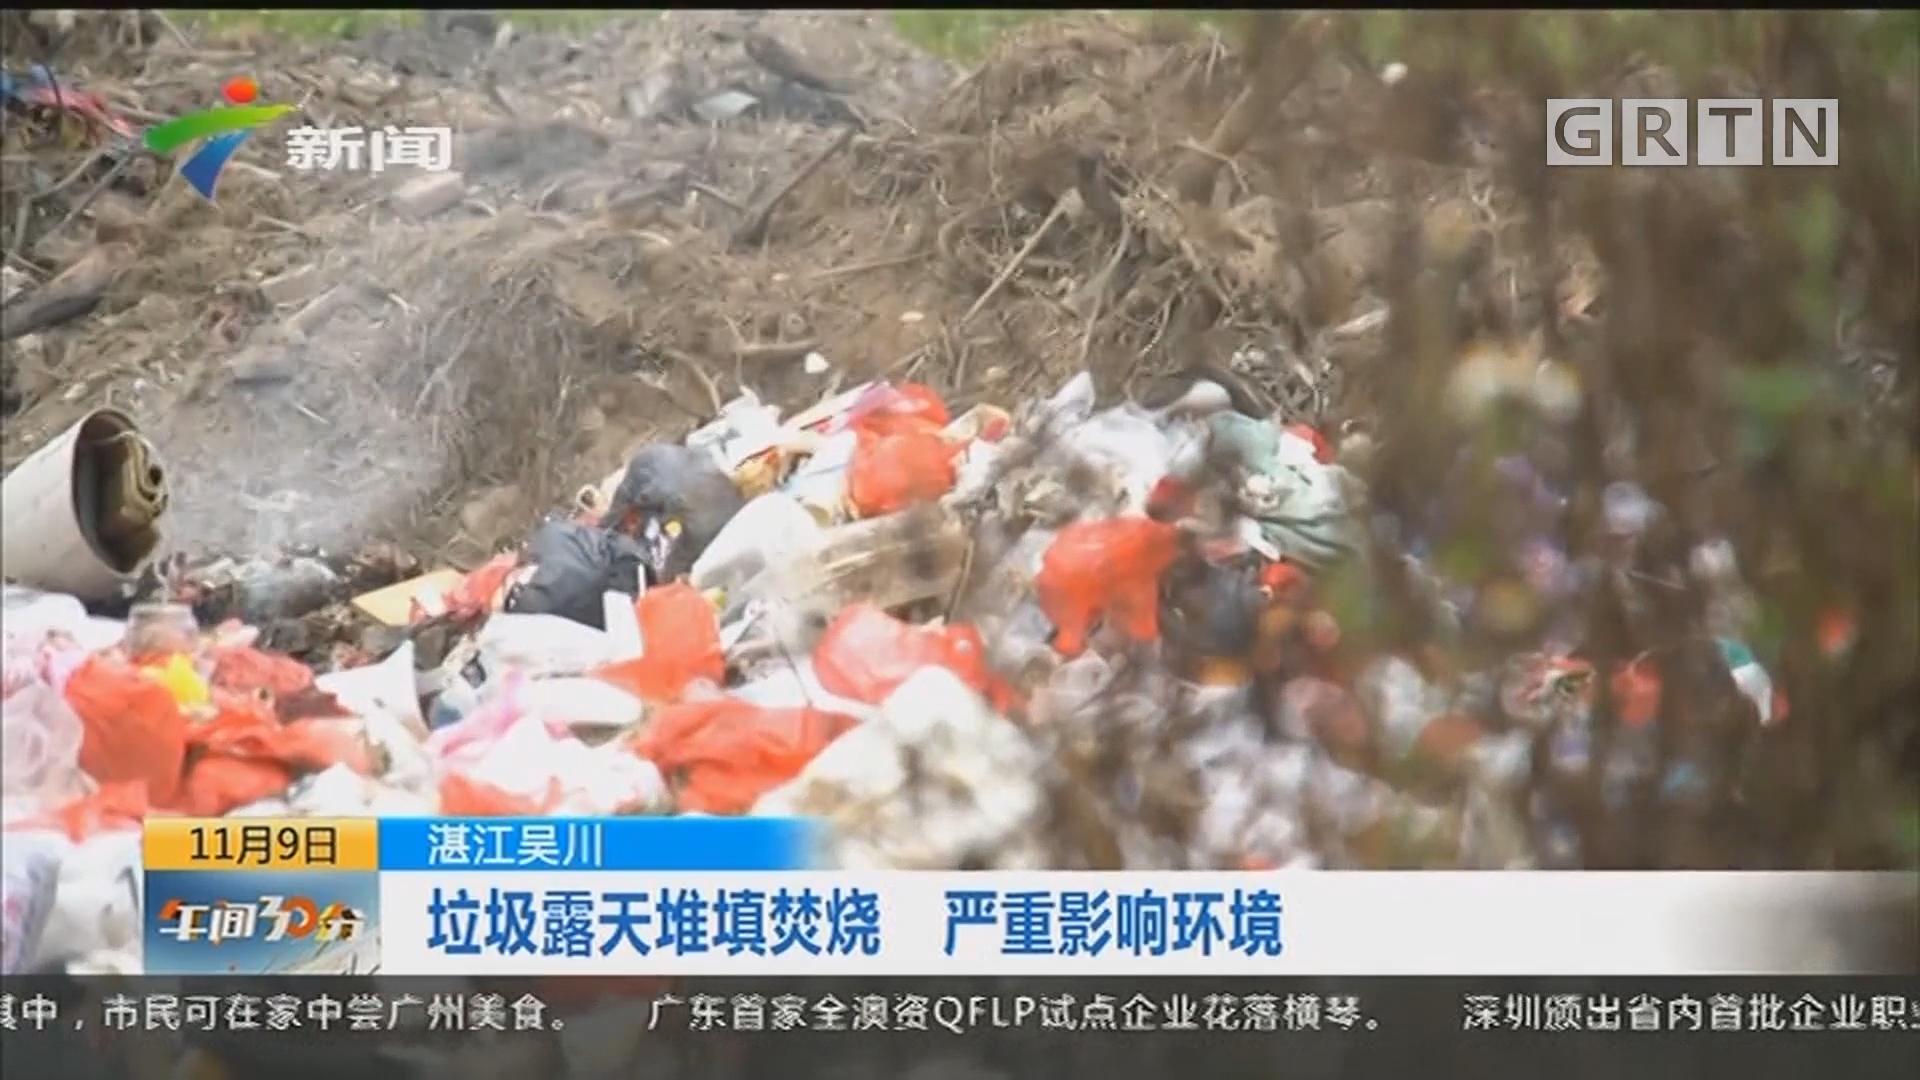 湛江吴川 垃圾露天堆填焚烧 严重影响环境